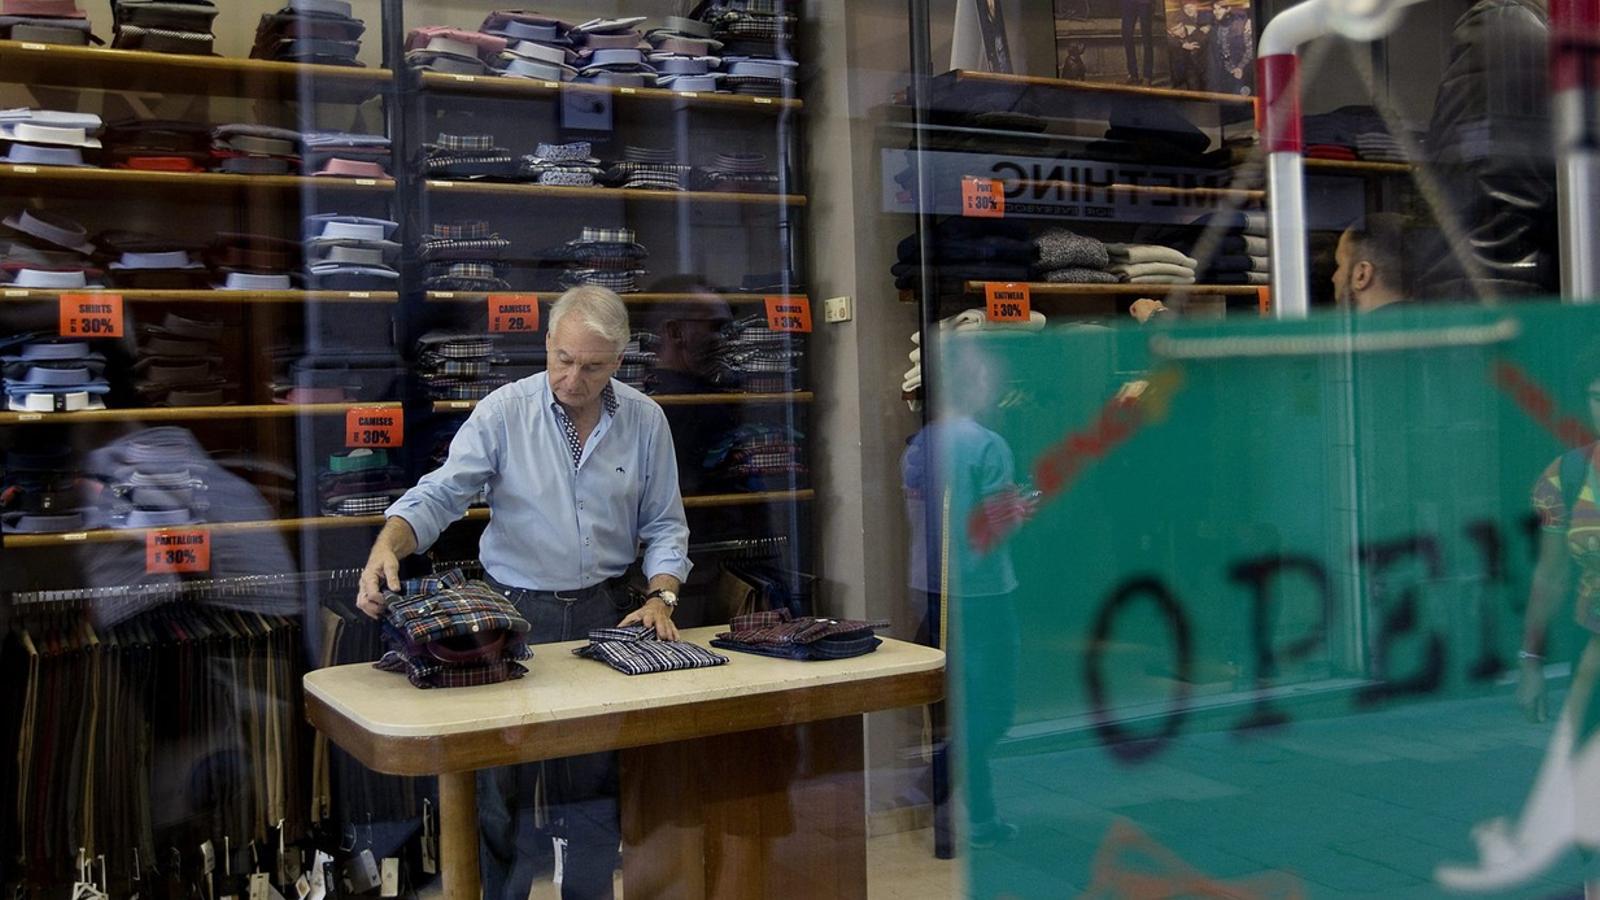 POSADA AL DIA DEL SECTOR  La nova llei de comerç suposa una actualització de la modalitat comercial i també una posada en comú de les diferents normatives que fins ara estaven separades. No s'hi ha inclòs la regulació dels equipaments comercials per la por  que un recurs del govern espanyol al TC pogués tombar unes lleis que avui són vigents.